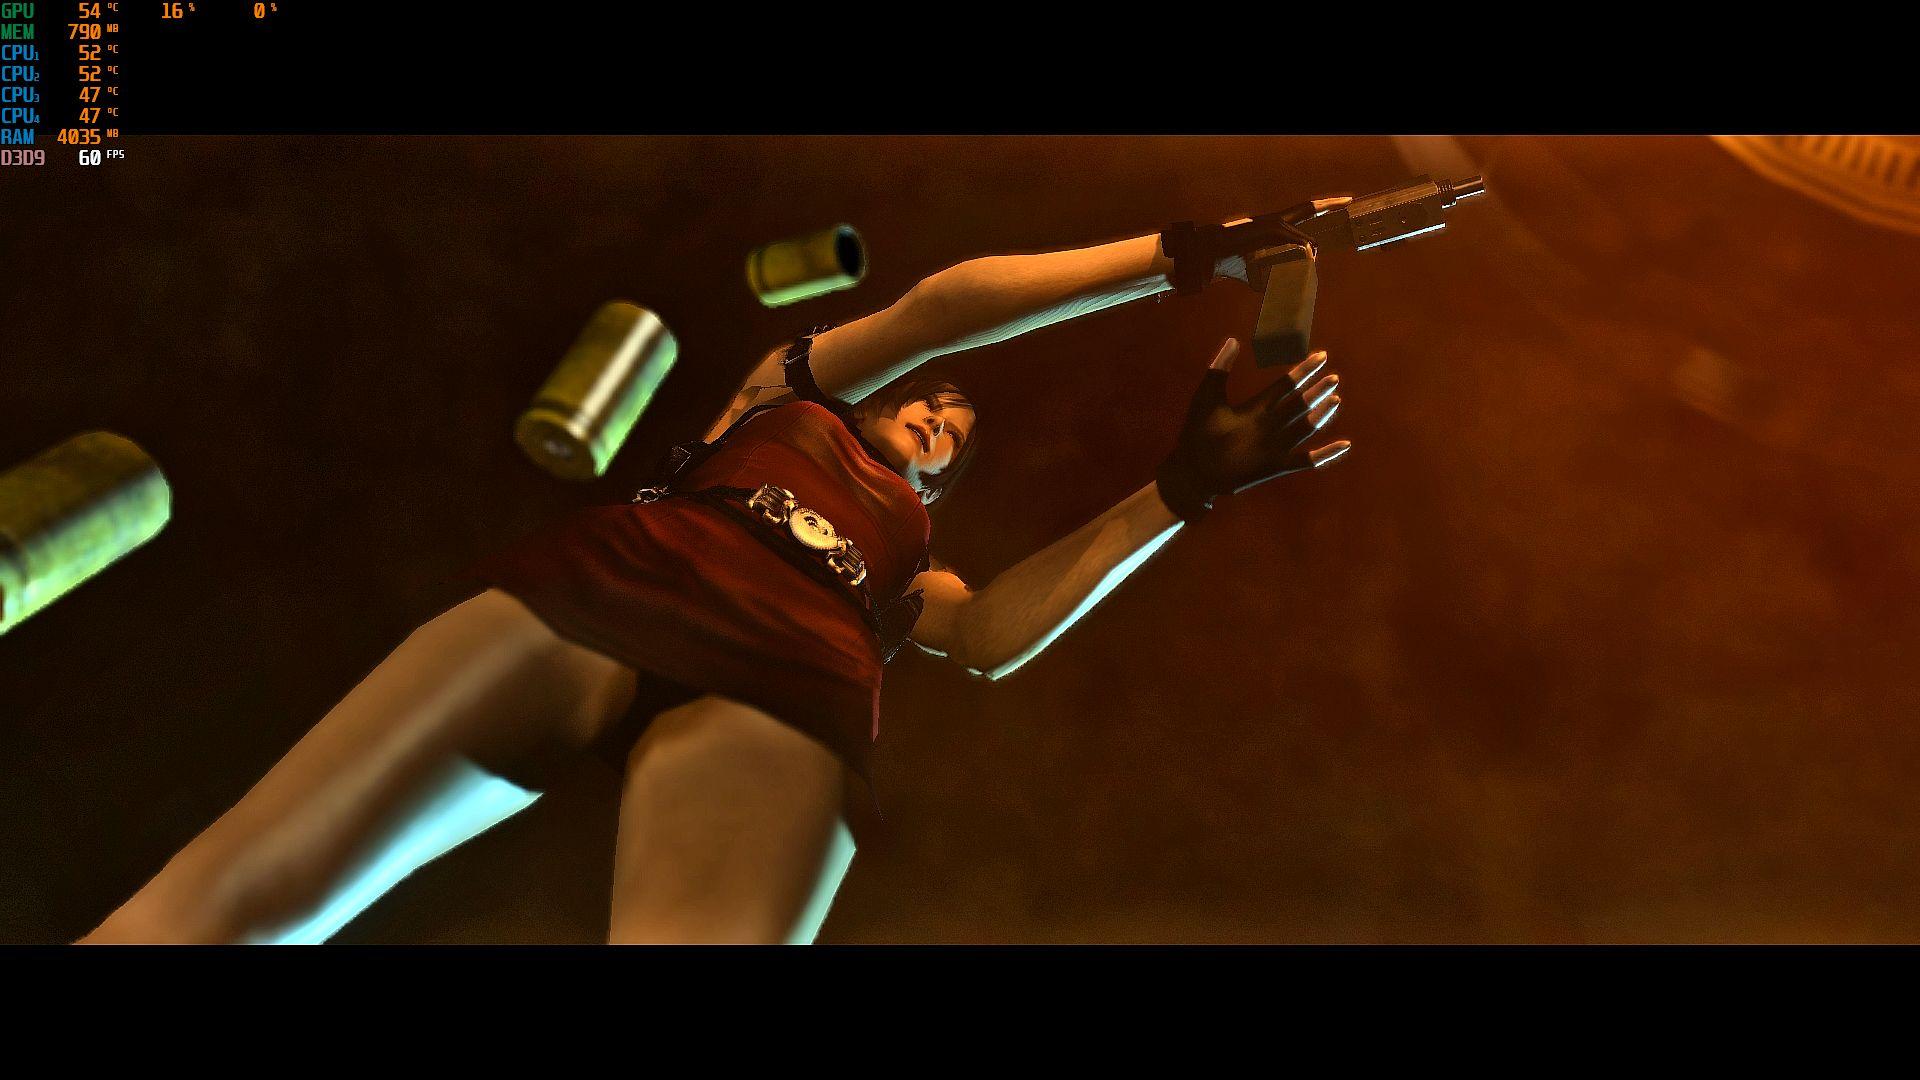 000289.Jpg - Resident Evil 6